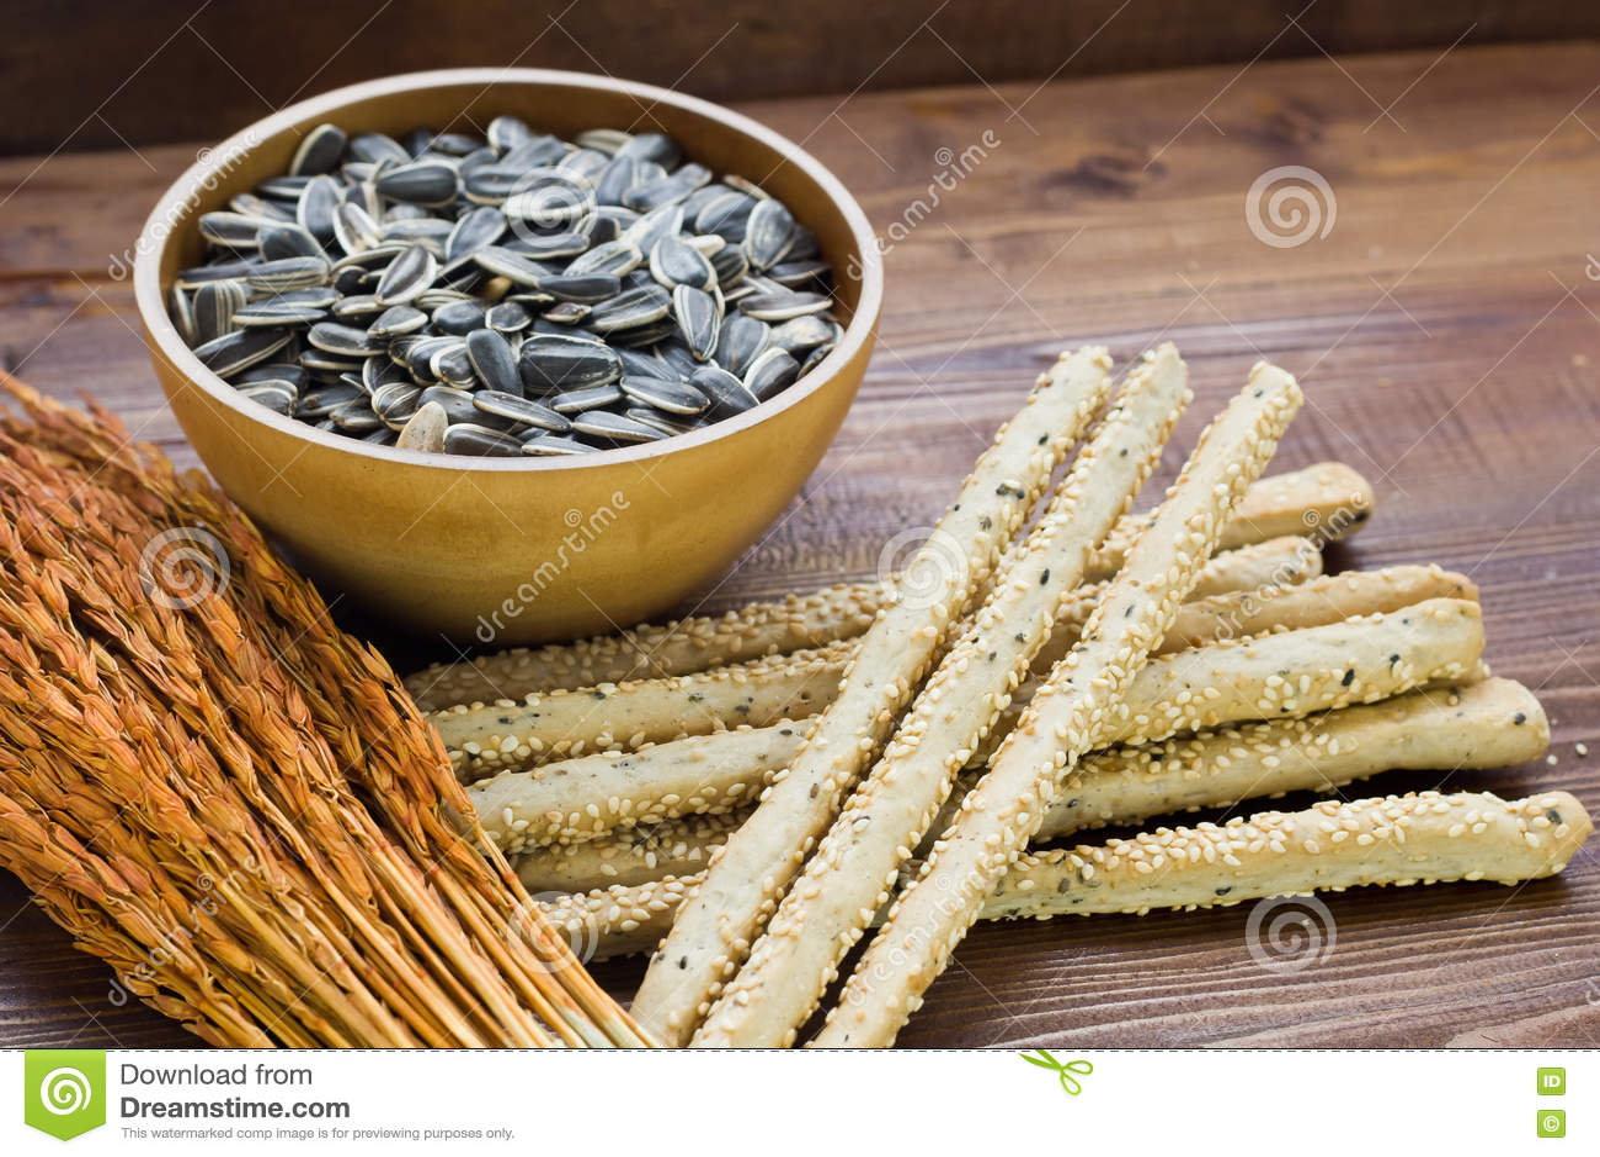 Σπόροι ηλίανθων σε ένα ξύλινο κύπελλο, το αυτί του ρυζιού, και ολόκληρα τα ραβδιά σίτου